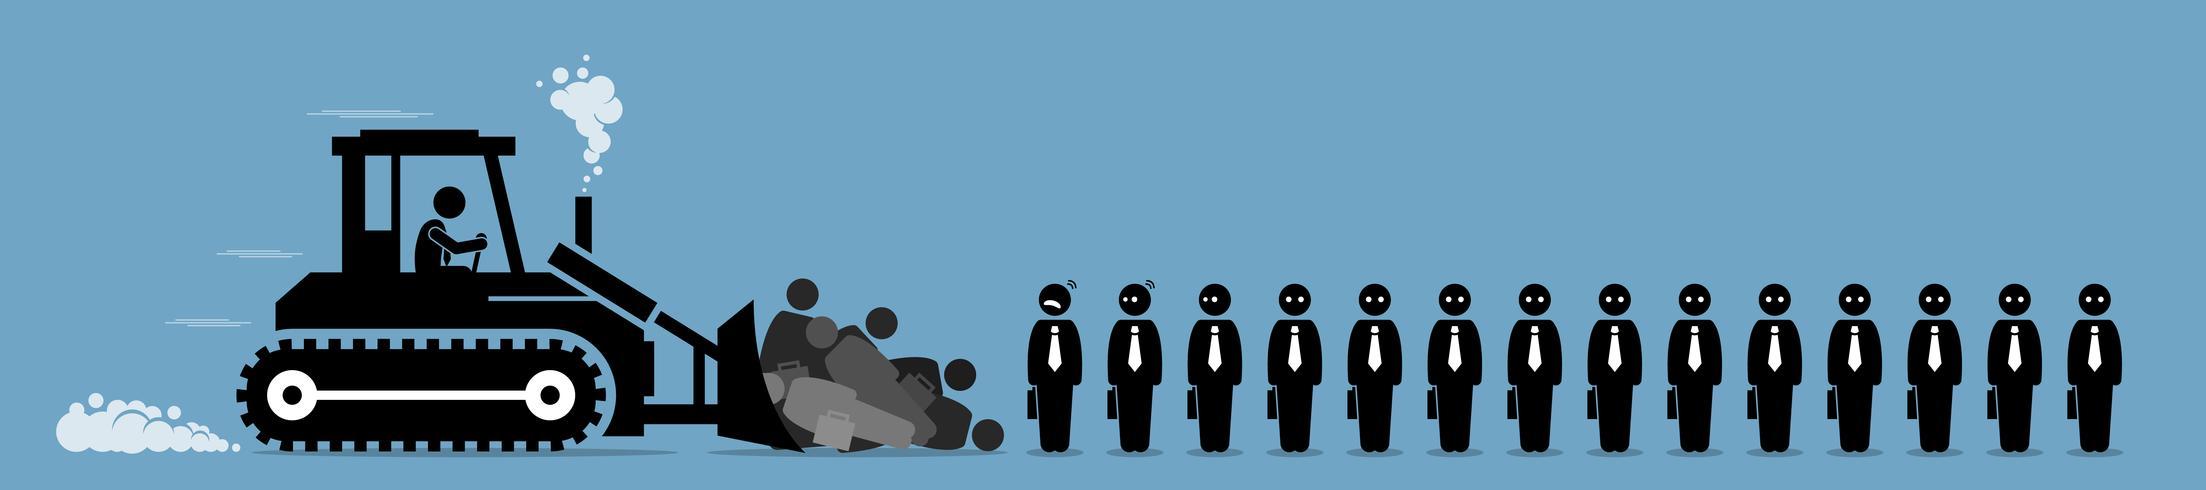 Contenção, demissões de trabalhadores da empresa e corte de trabalho. vetor